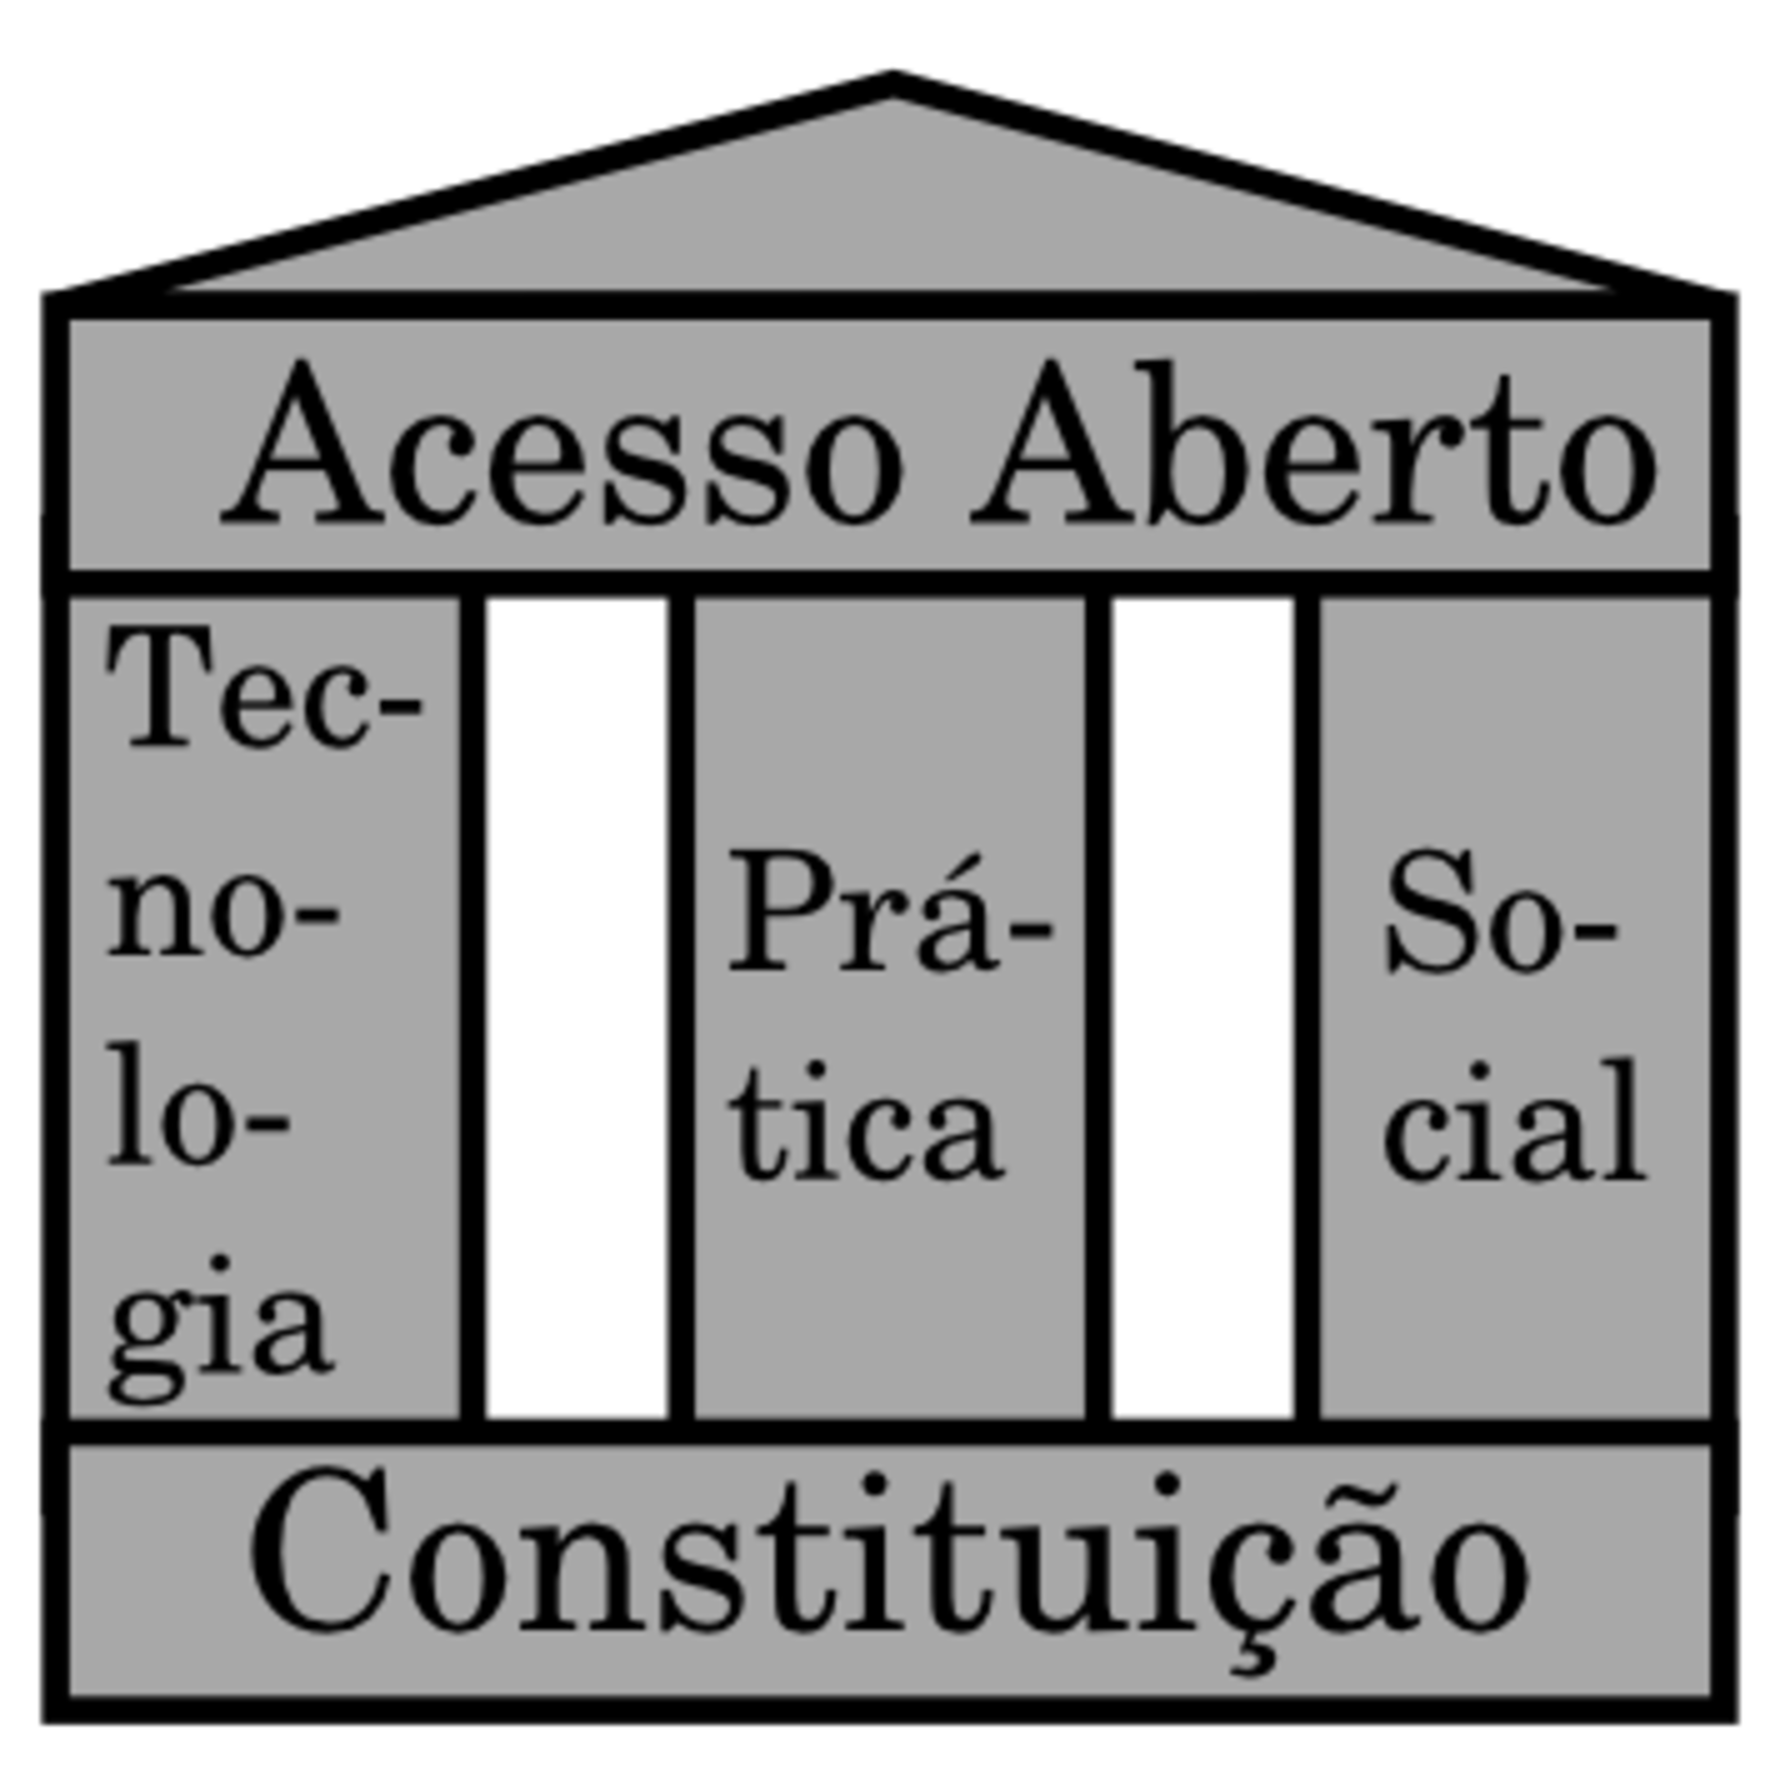 Ilustração dos pilares da Ciência Aberta: constituição, tecnologia, treinamento e comunidade.